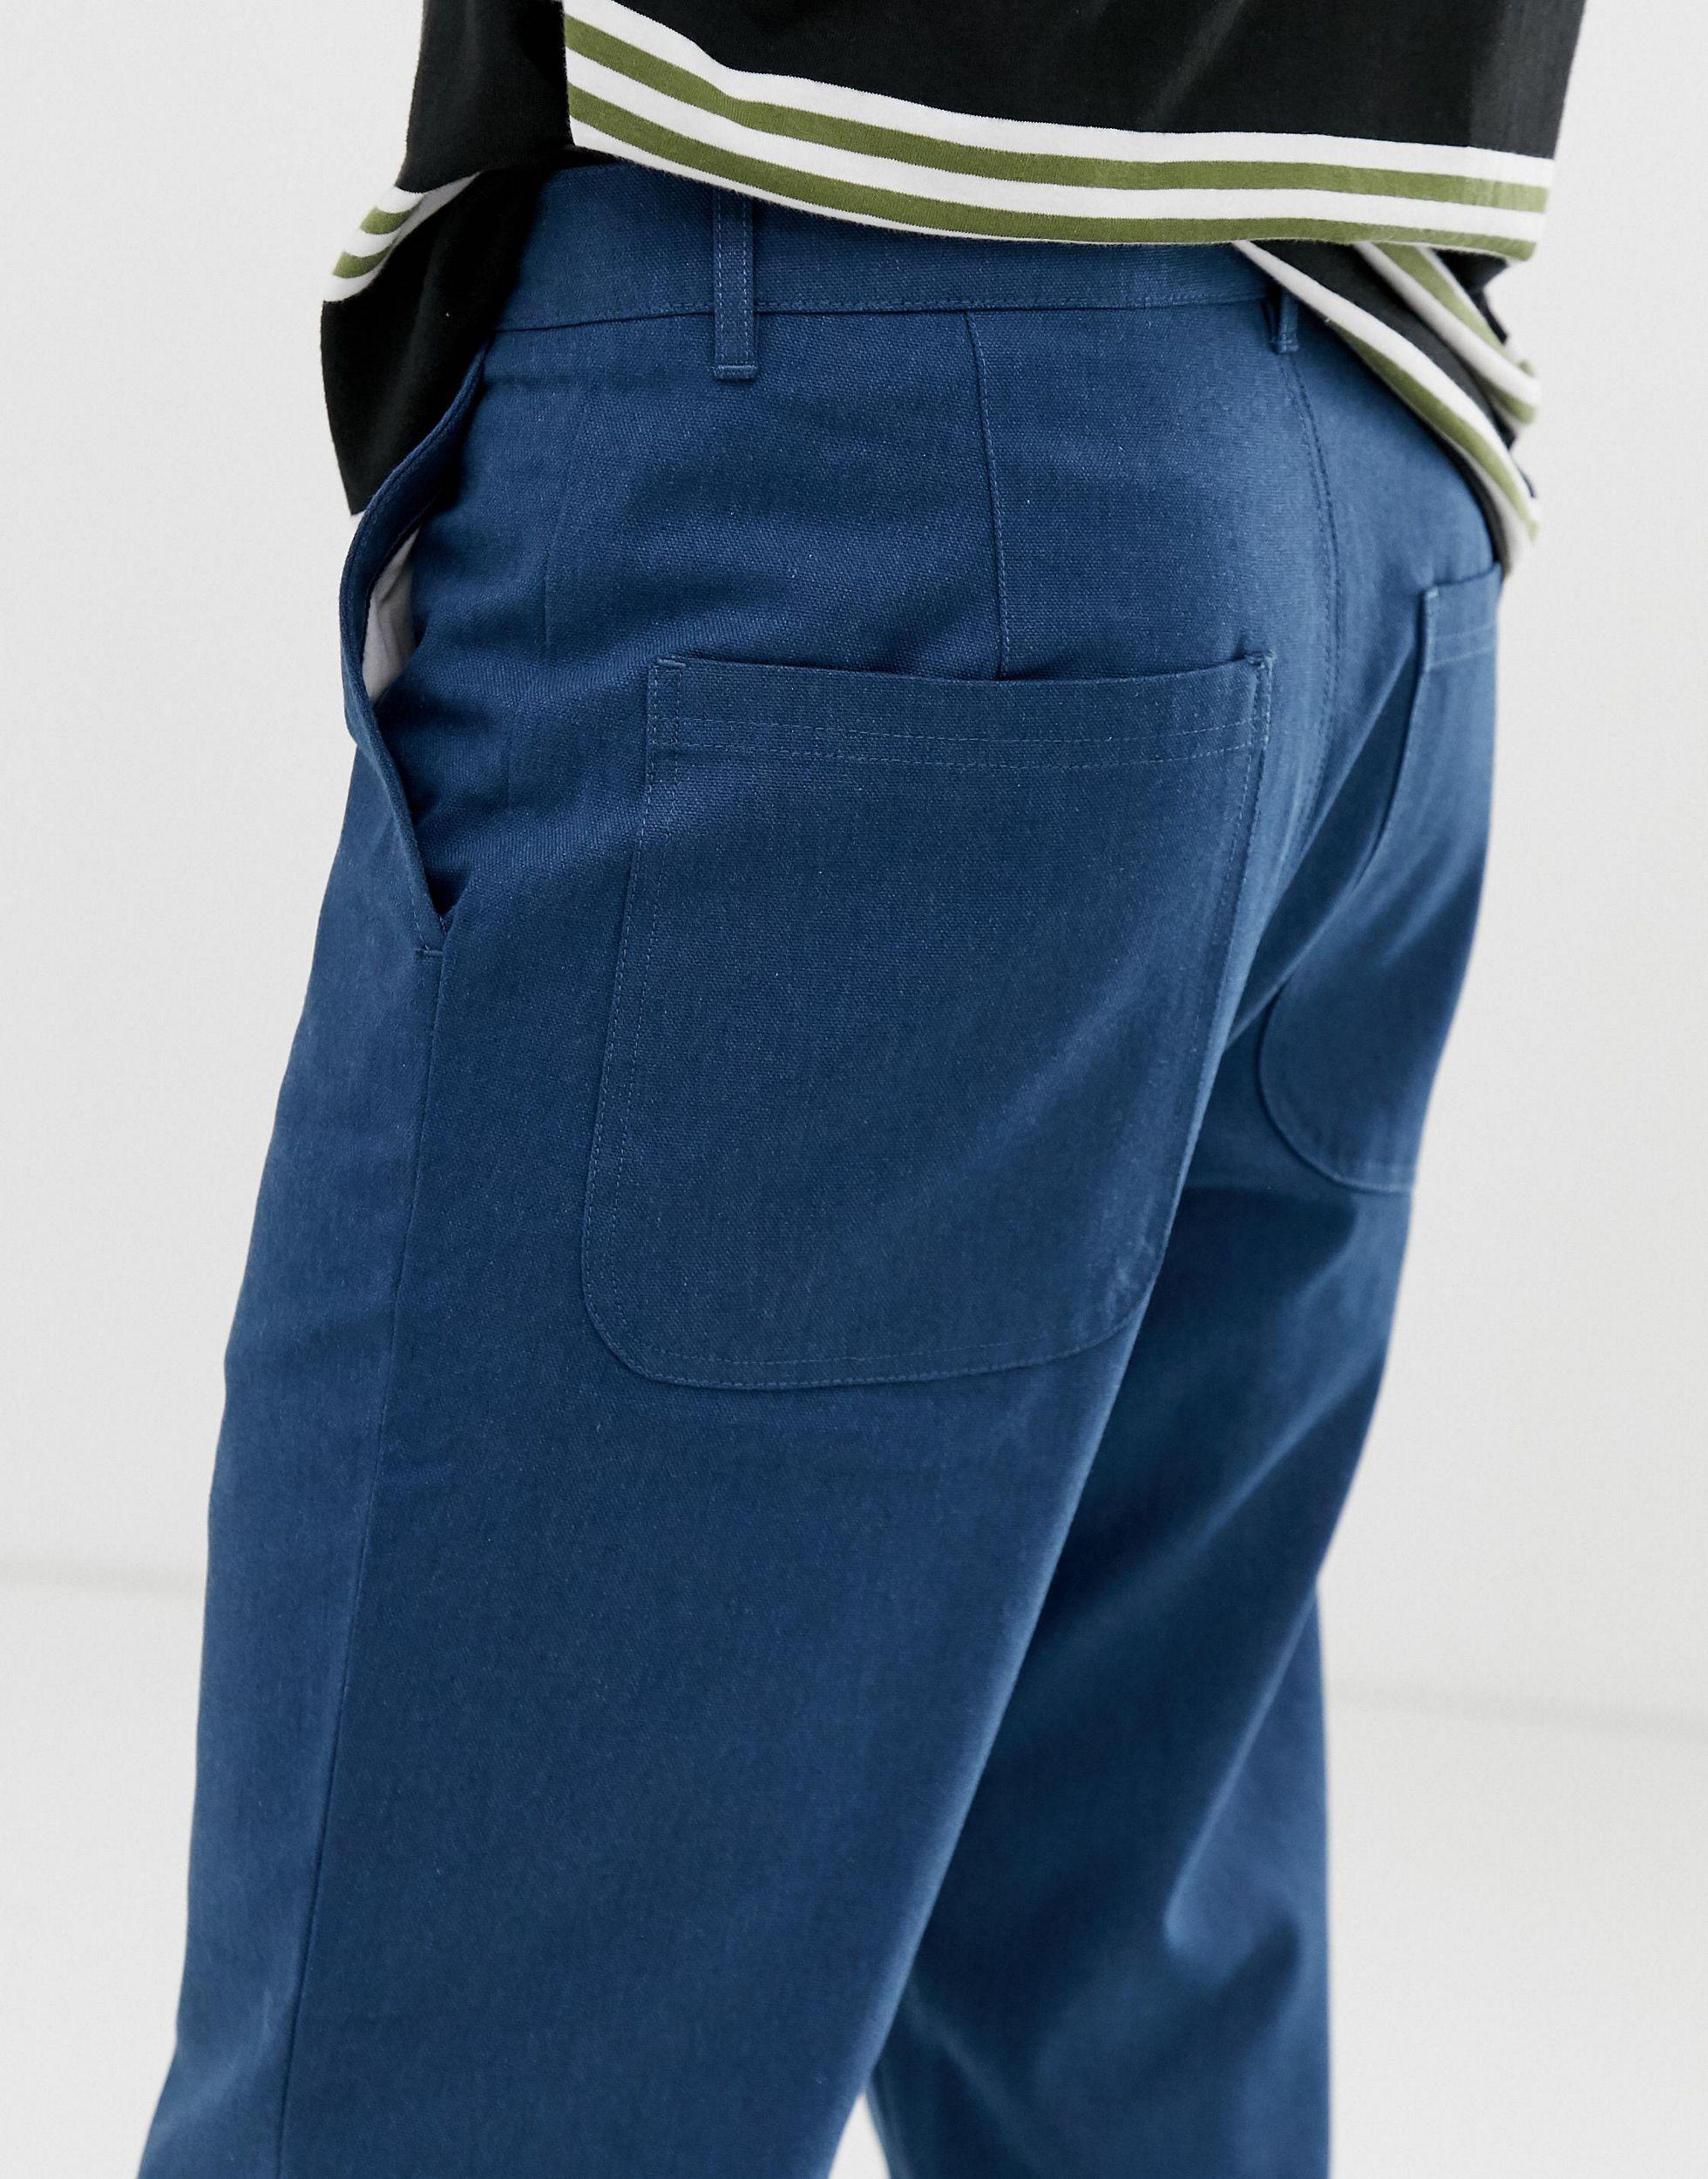 Farah Canvas Hawtin - Cropped Broek in het Blauw voor heren